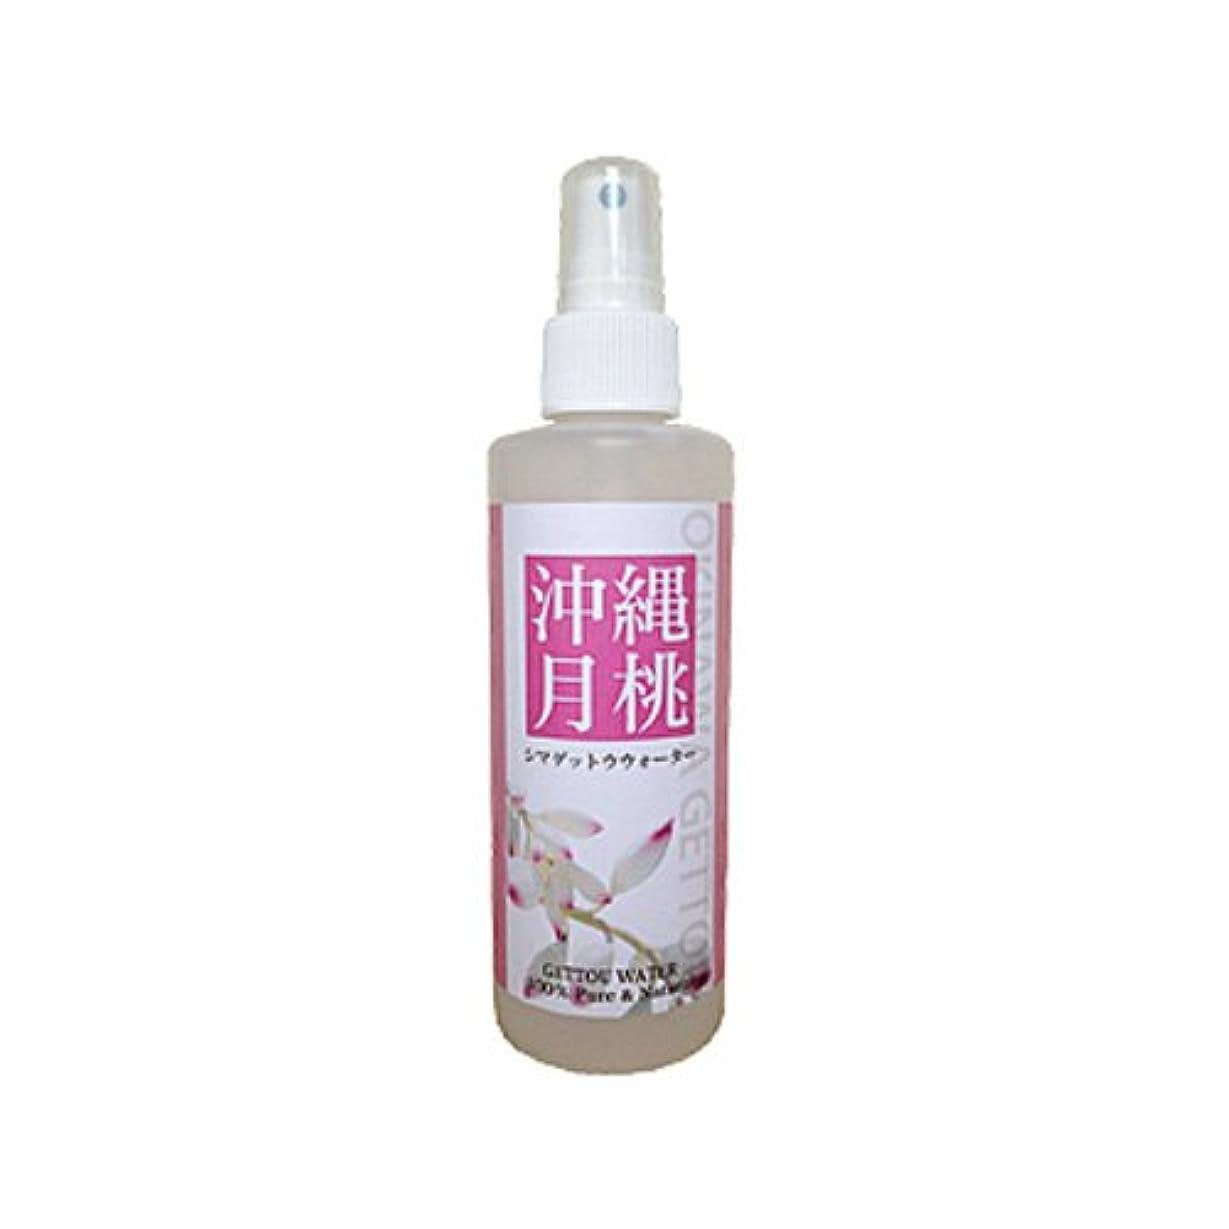 ガロン百年アンタゴニスト月桃蒸留水 フローラルウォーター シマ月桃葉100%使用 200ml